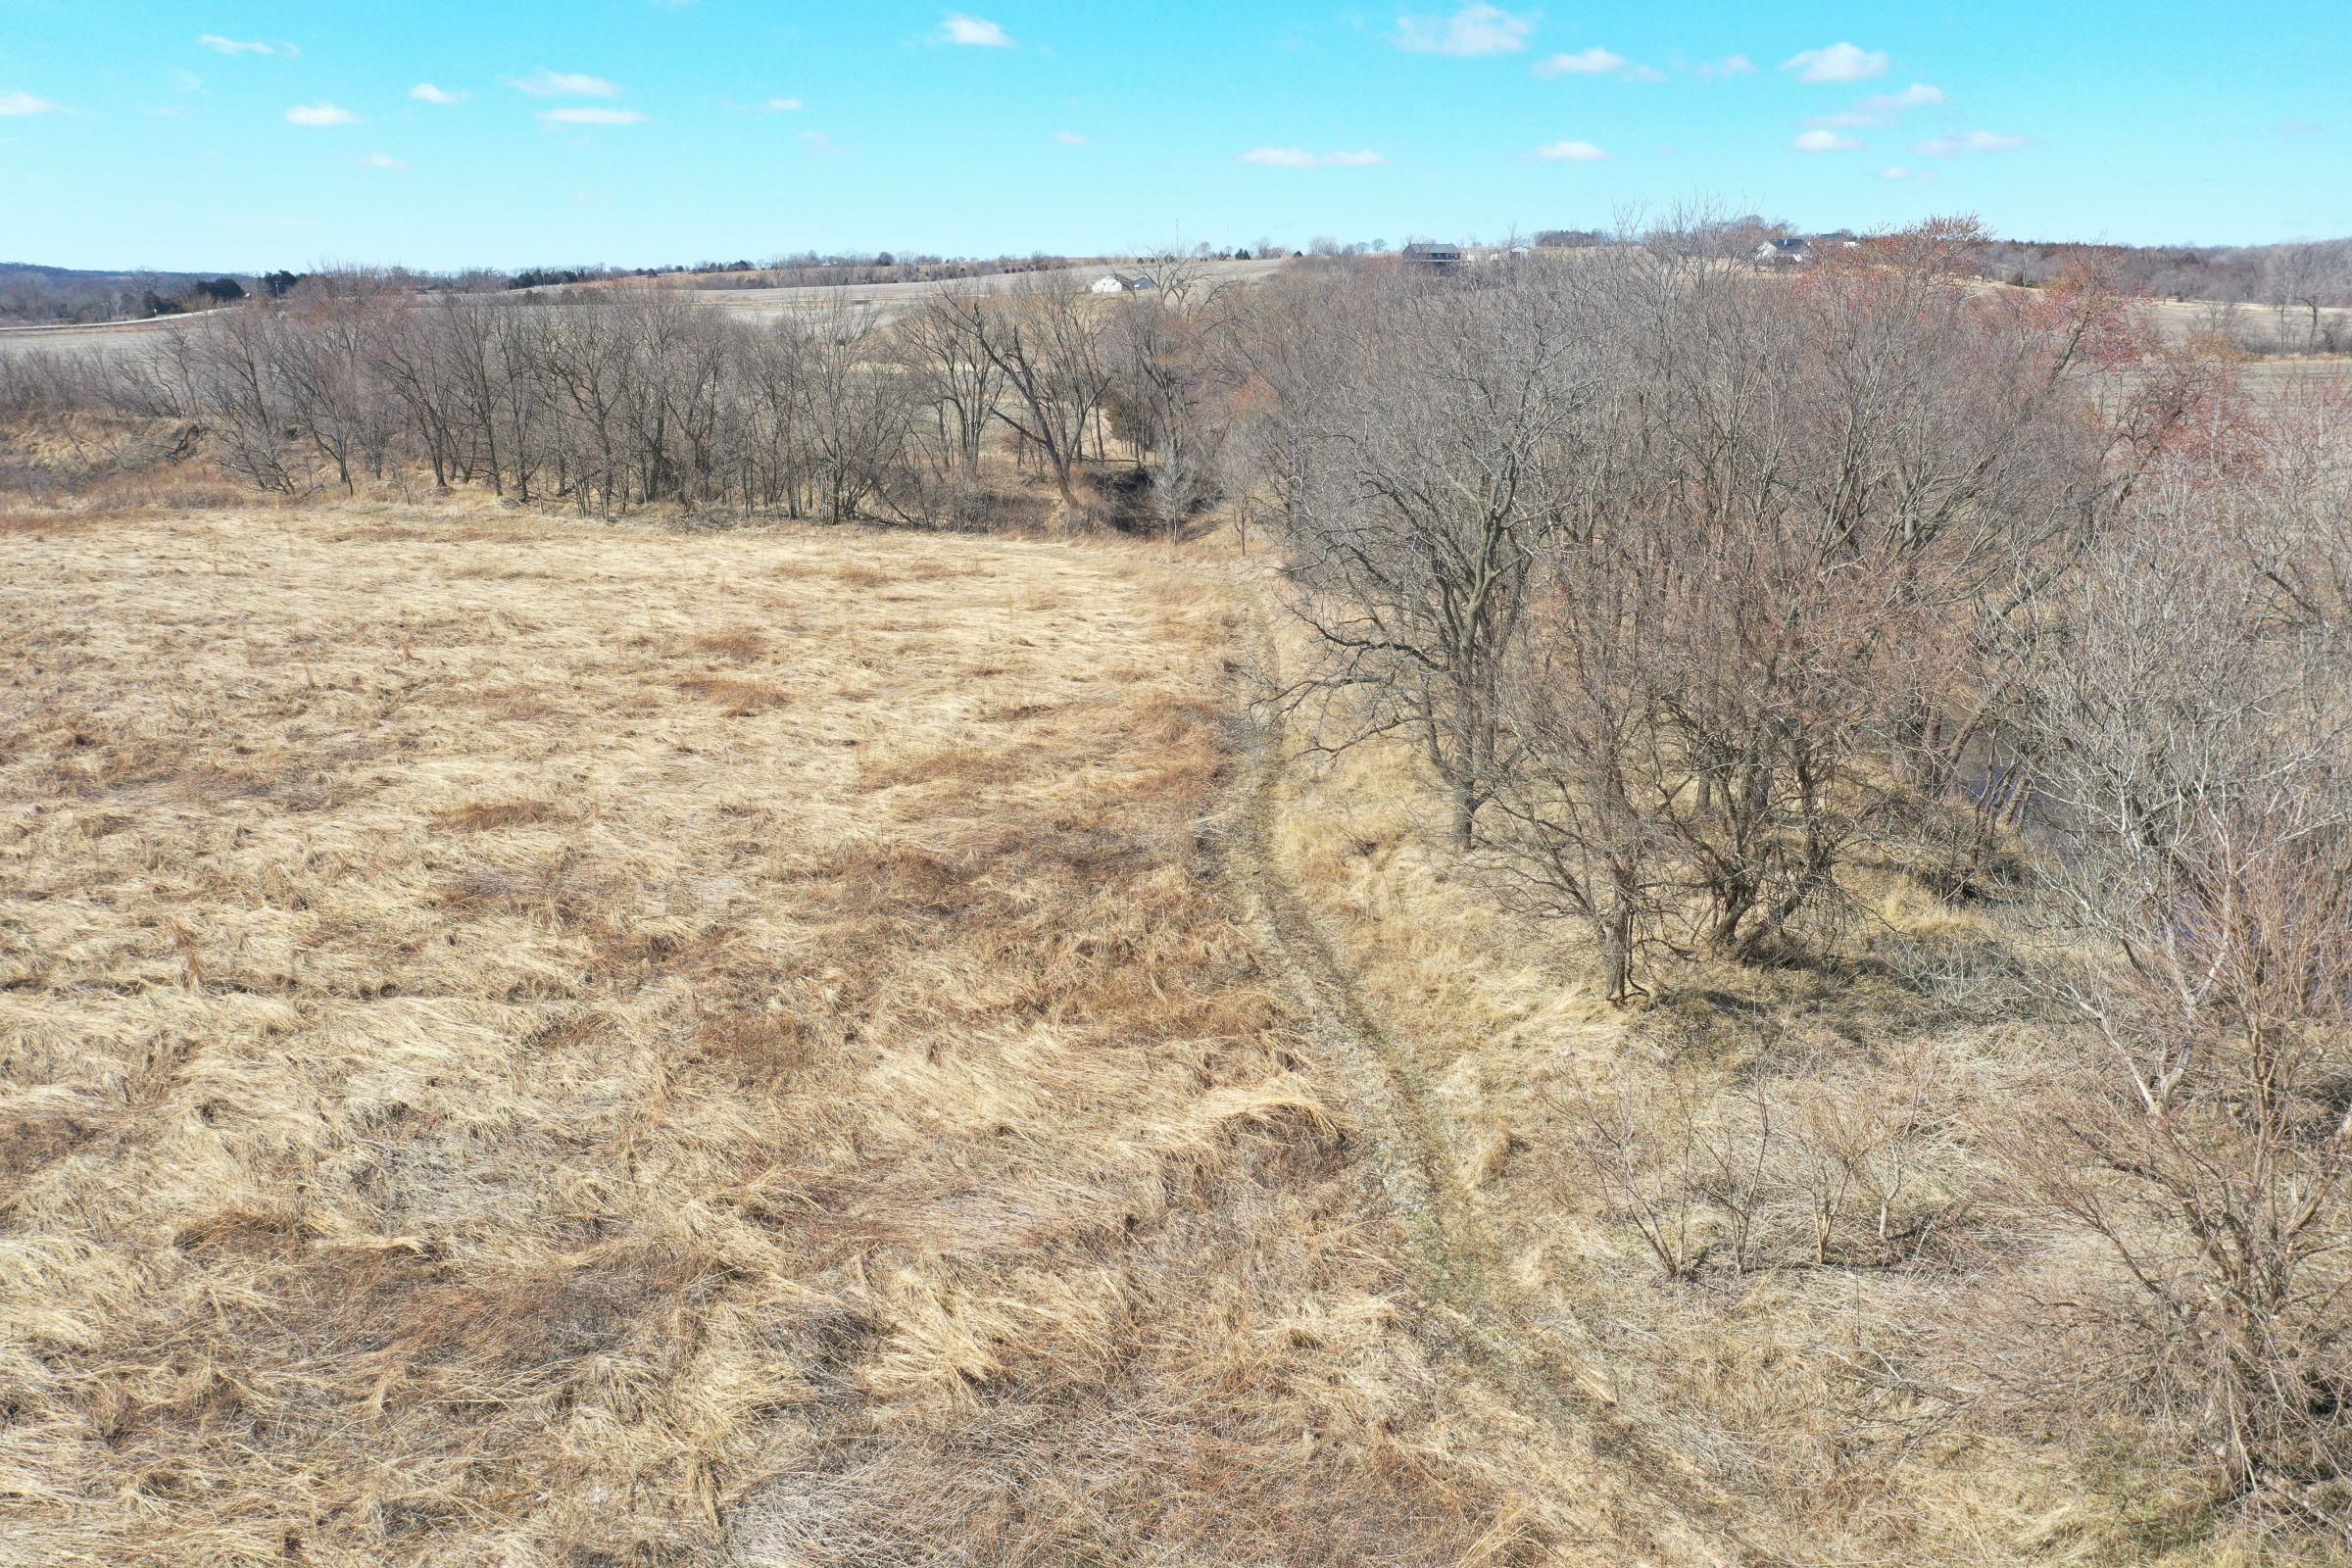 warren-county-iowa-0-acres-listing-number-15407-3-2021-03-11-230447.JPG